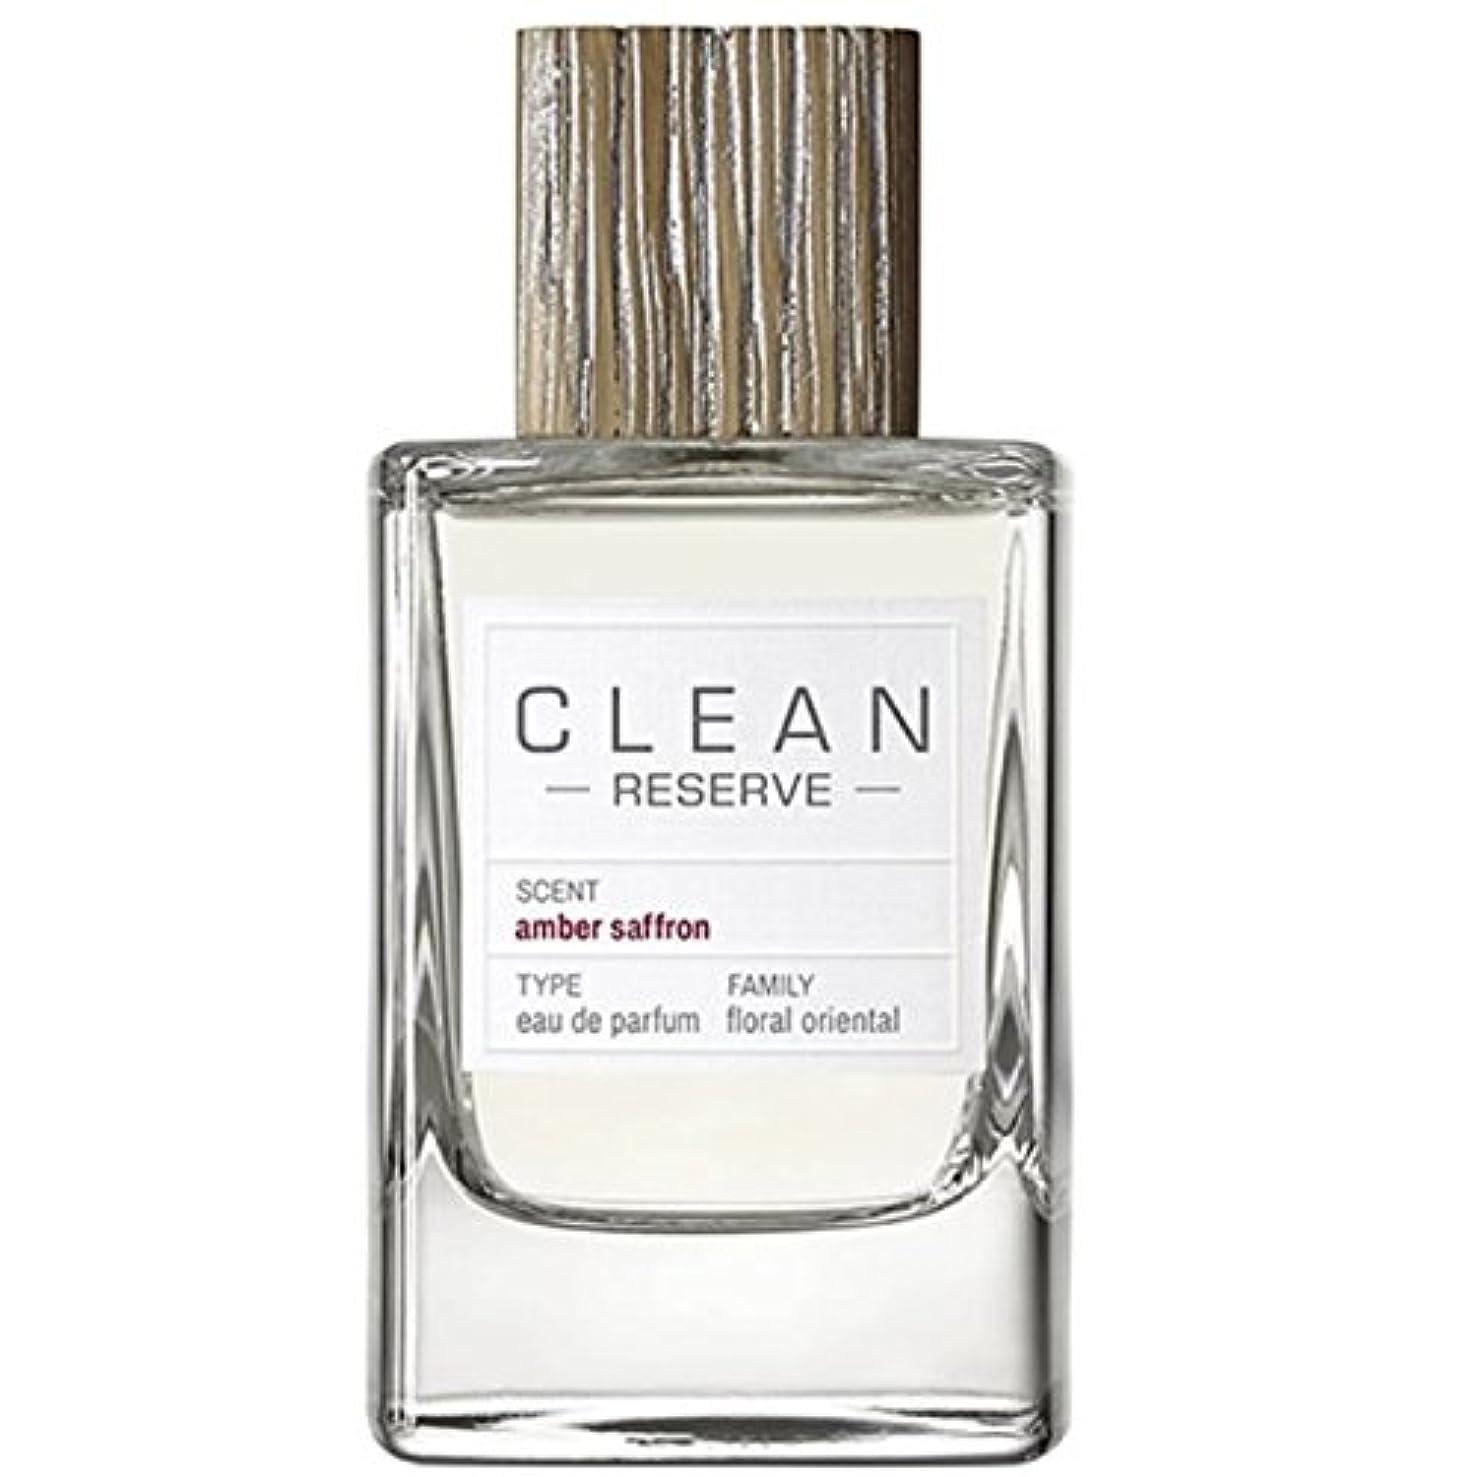 鳩衝突する馬鹿げた◆【CLEAN】Unisex香水◆クリーン リザーブ アンバーサフラン オードパルファムEDP 100ml◆